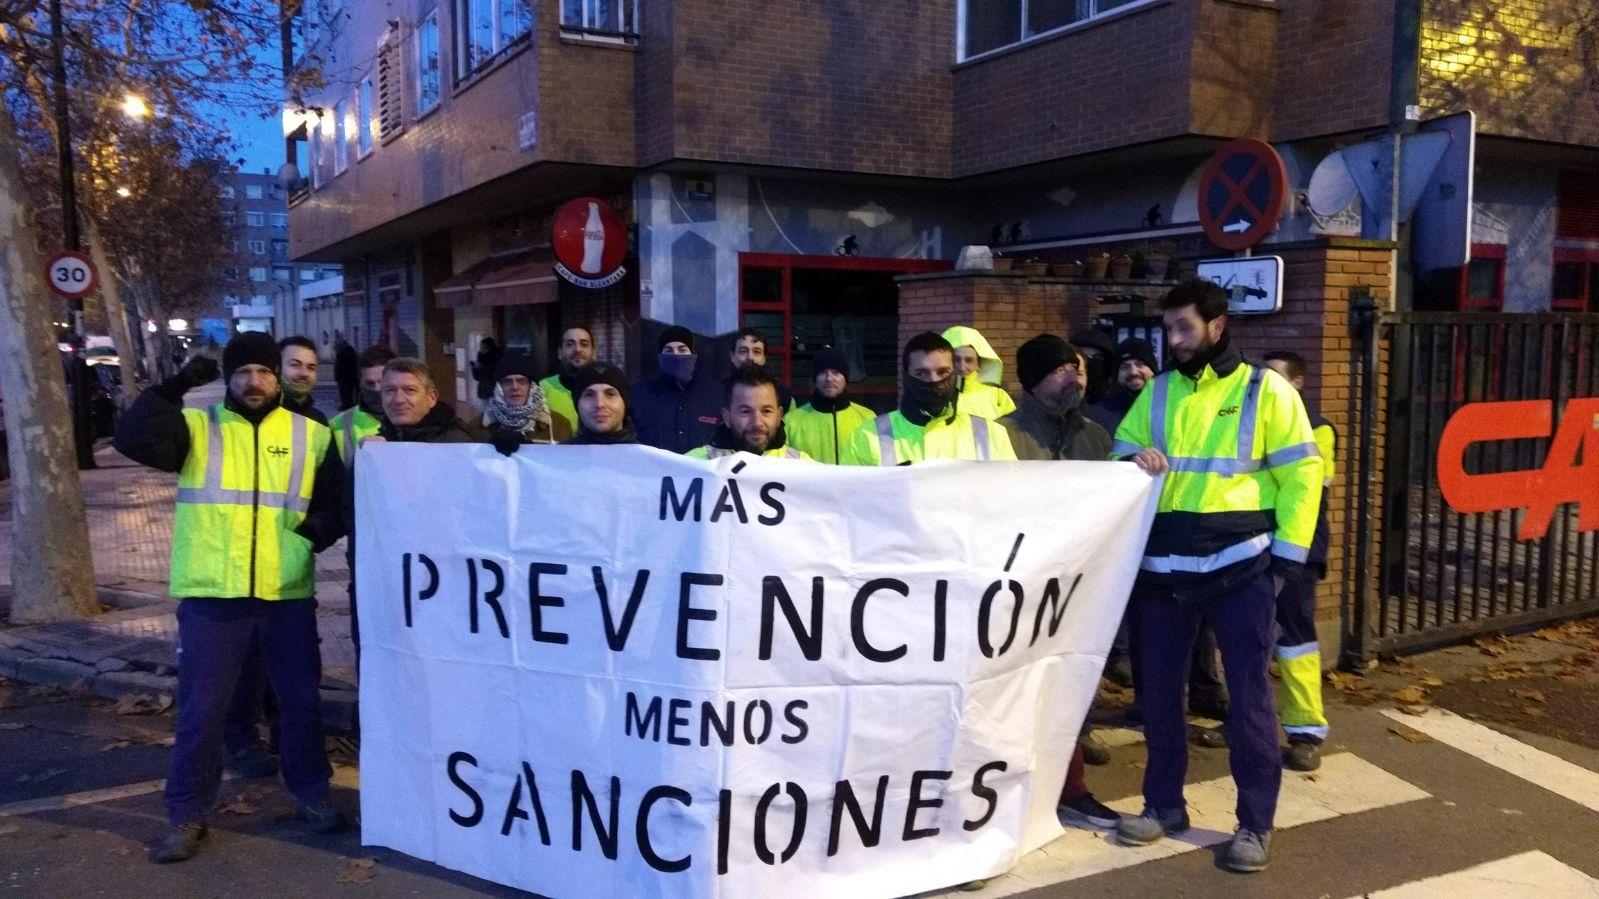 Movilizaciones en CAF-Zaragoza. Respuesta de GTI-IA ante la actitud de la empresa con los sancionados